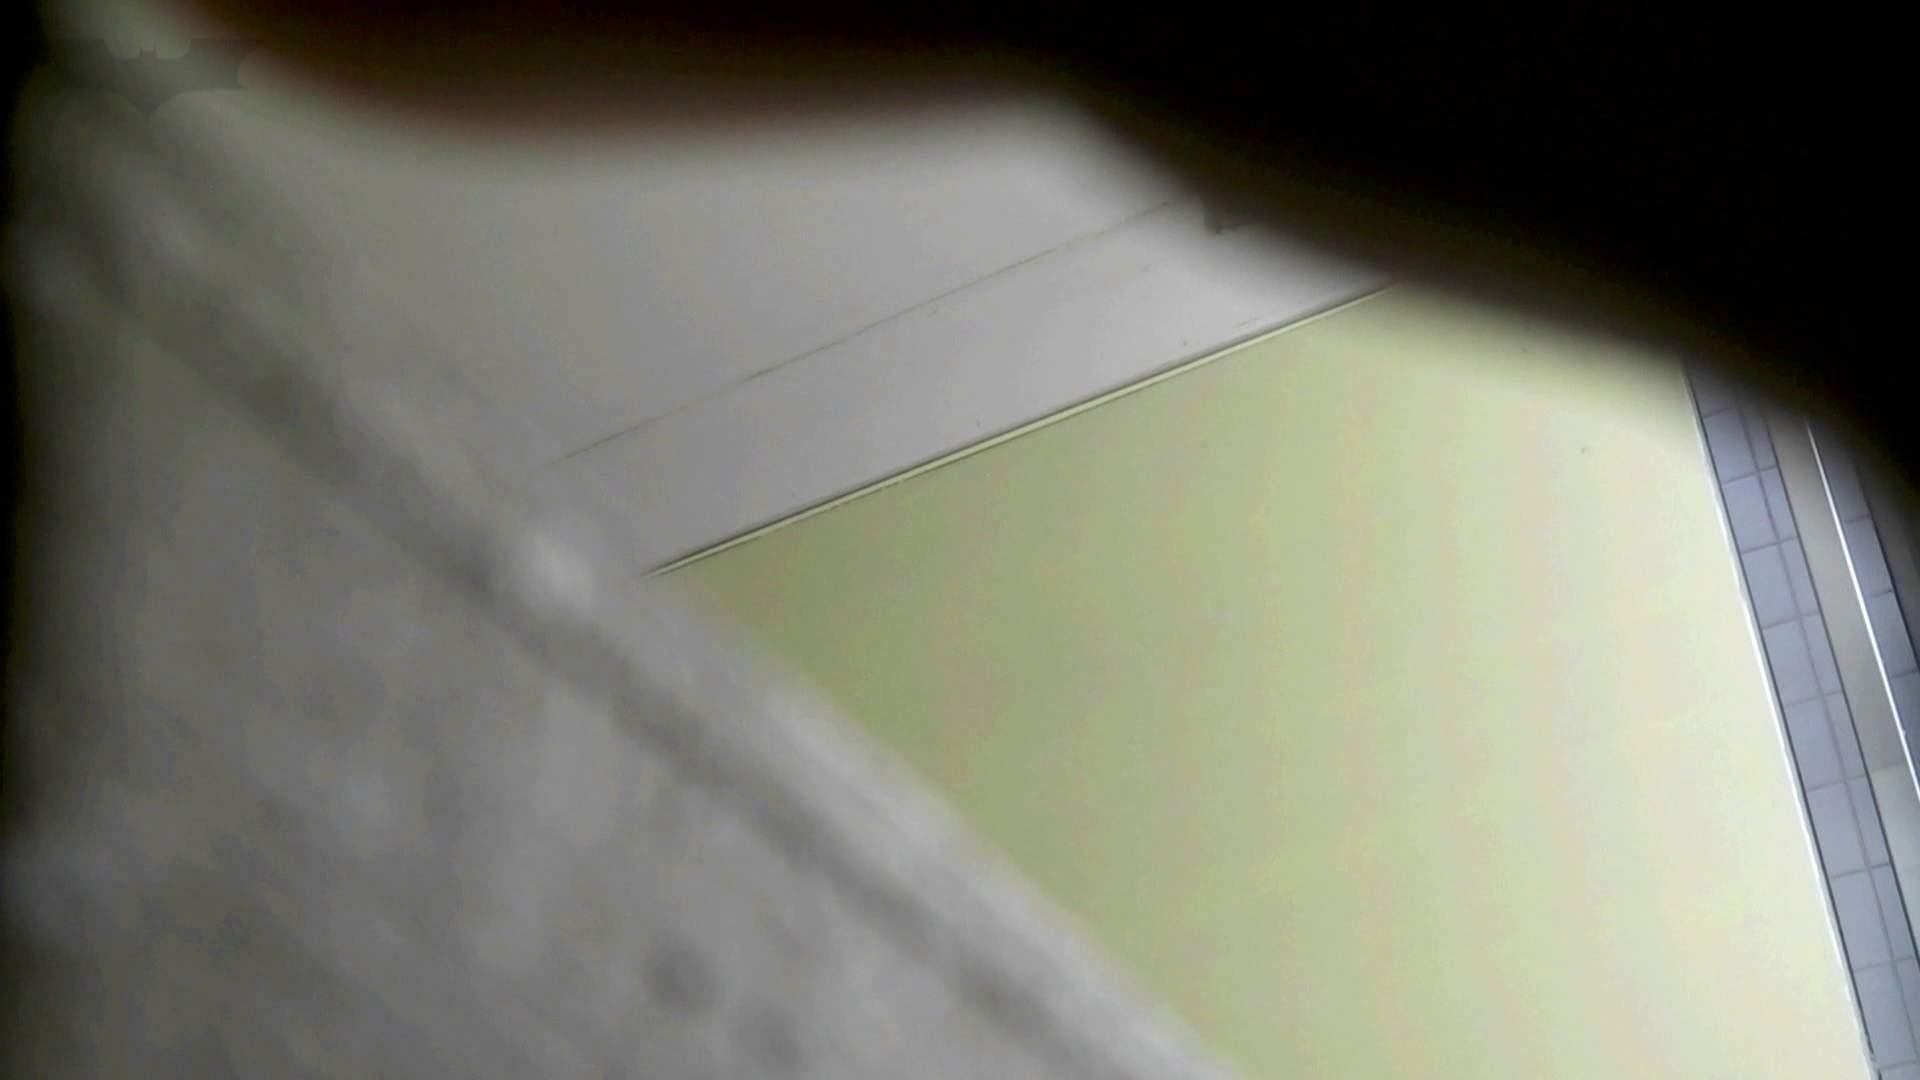 洗面所特攻隊 vol.74 last 2総勢16名激撮【2015・29位】 丸見え | お姉さん攻略  69画像 13